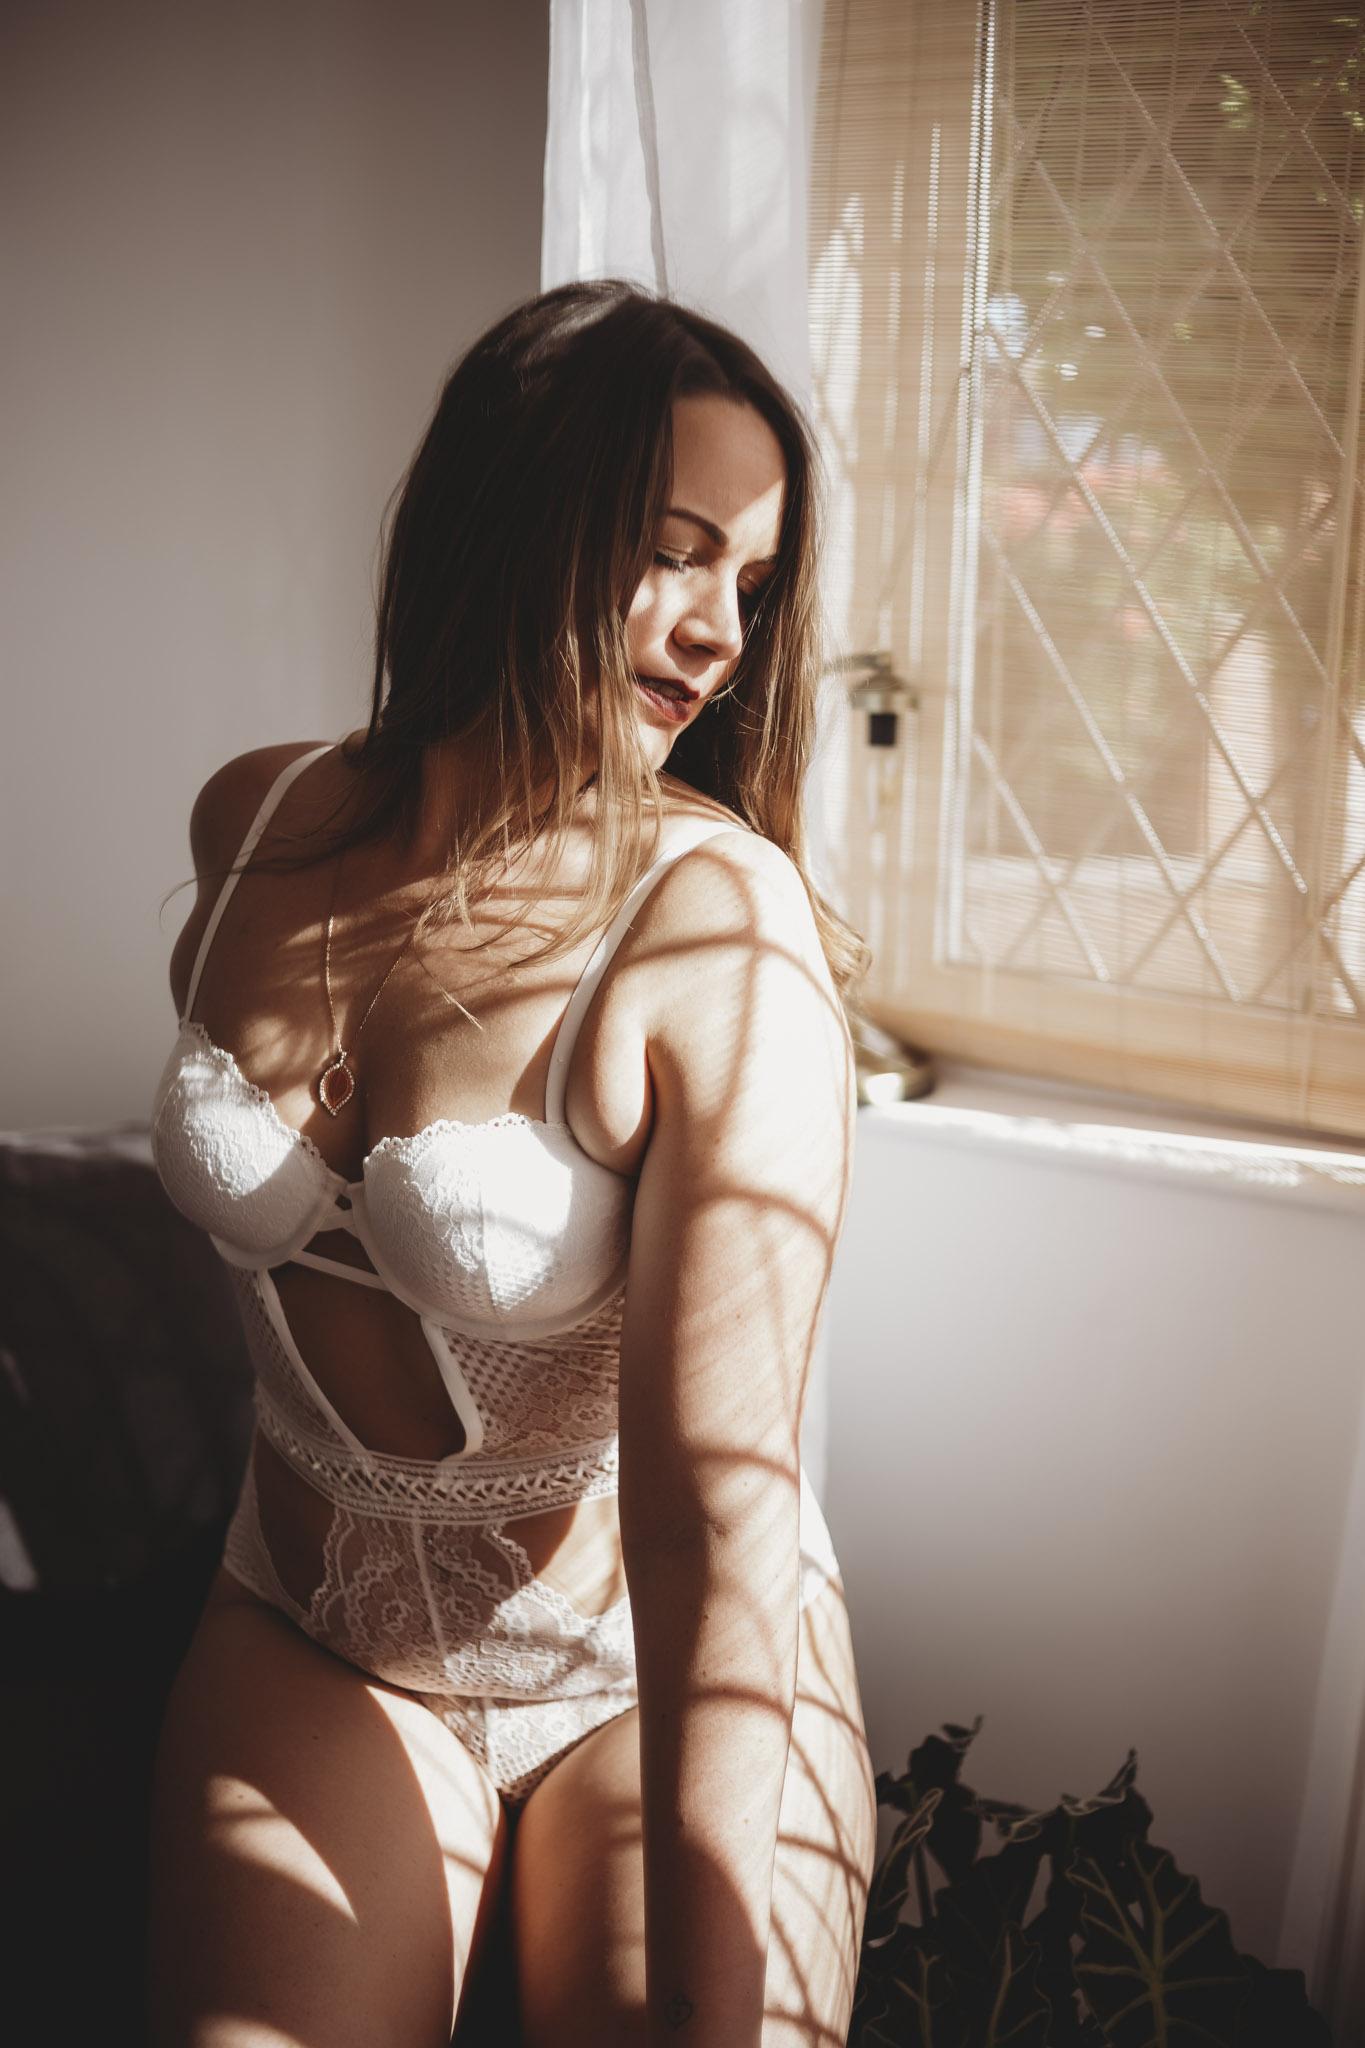 sarah-rachel-boudoir-photography-luxury-boudoir-leicester